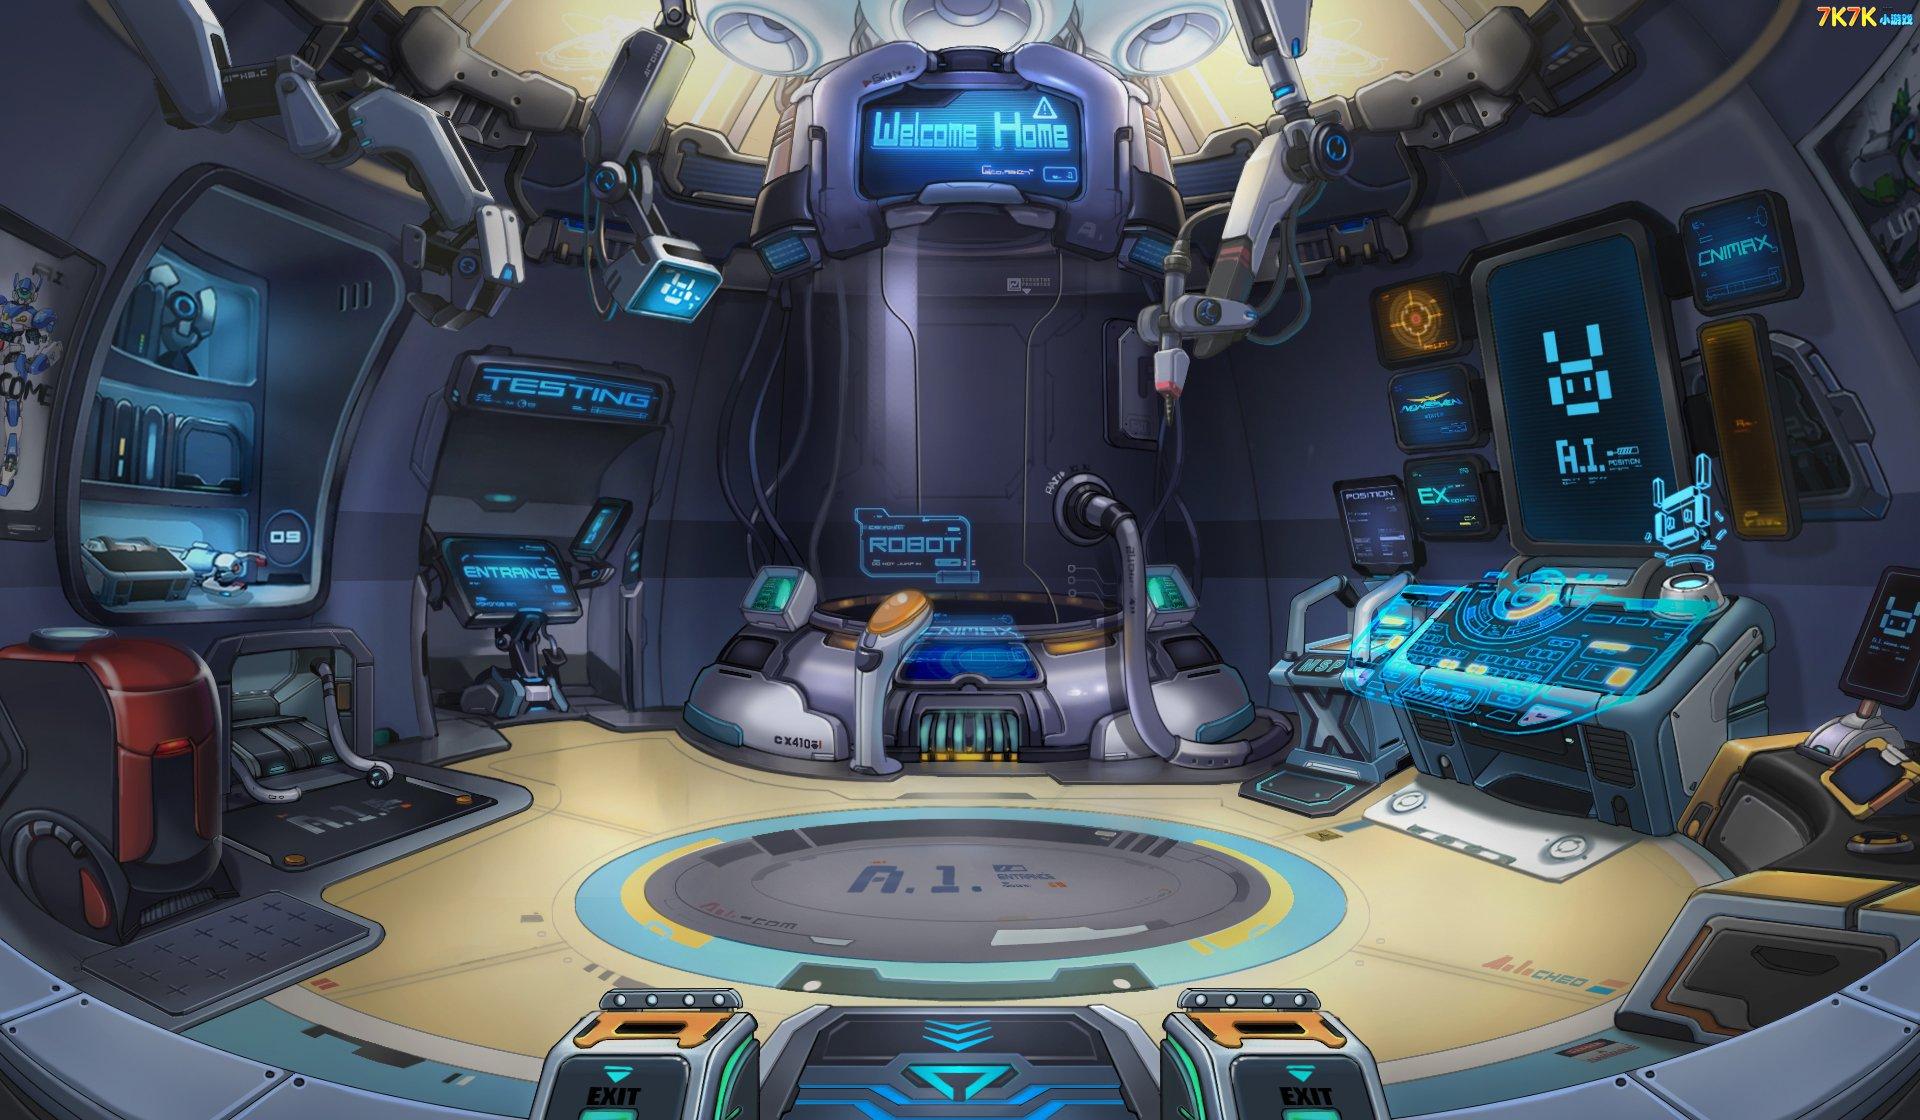 机甲旋风地球基地机械空间